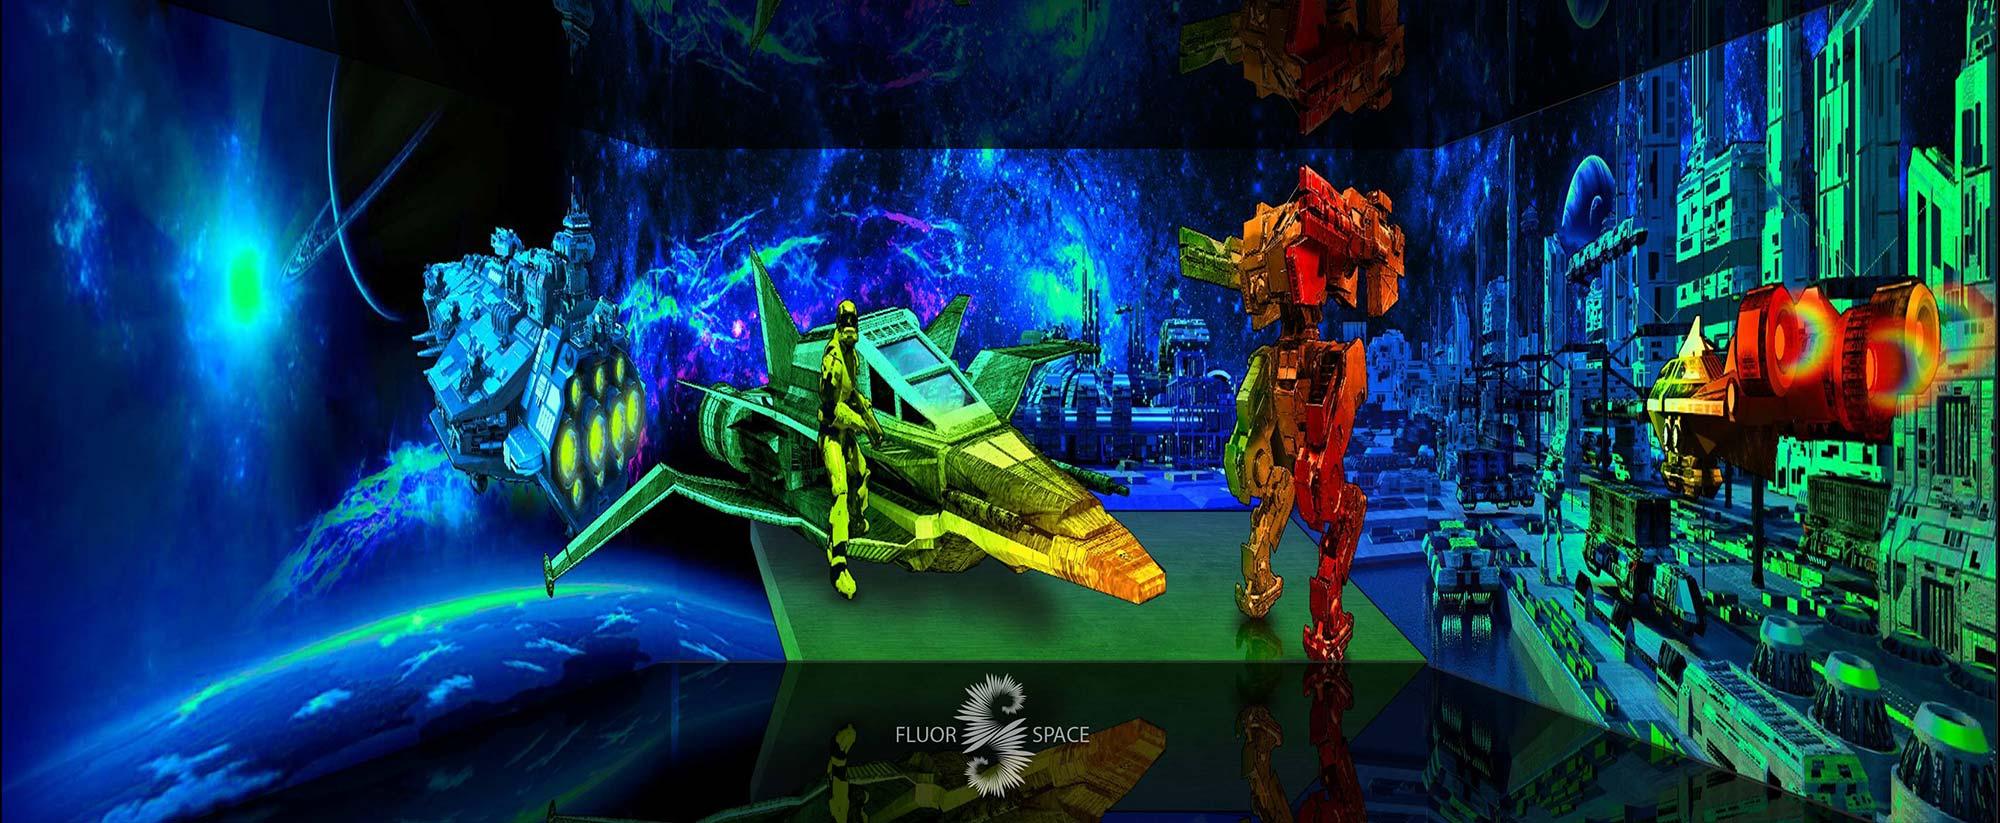 Космический город - флуоресцентные хроматические 3D декорации